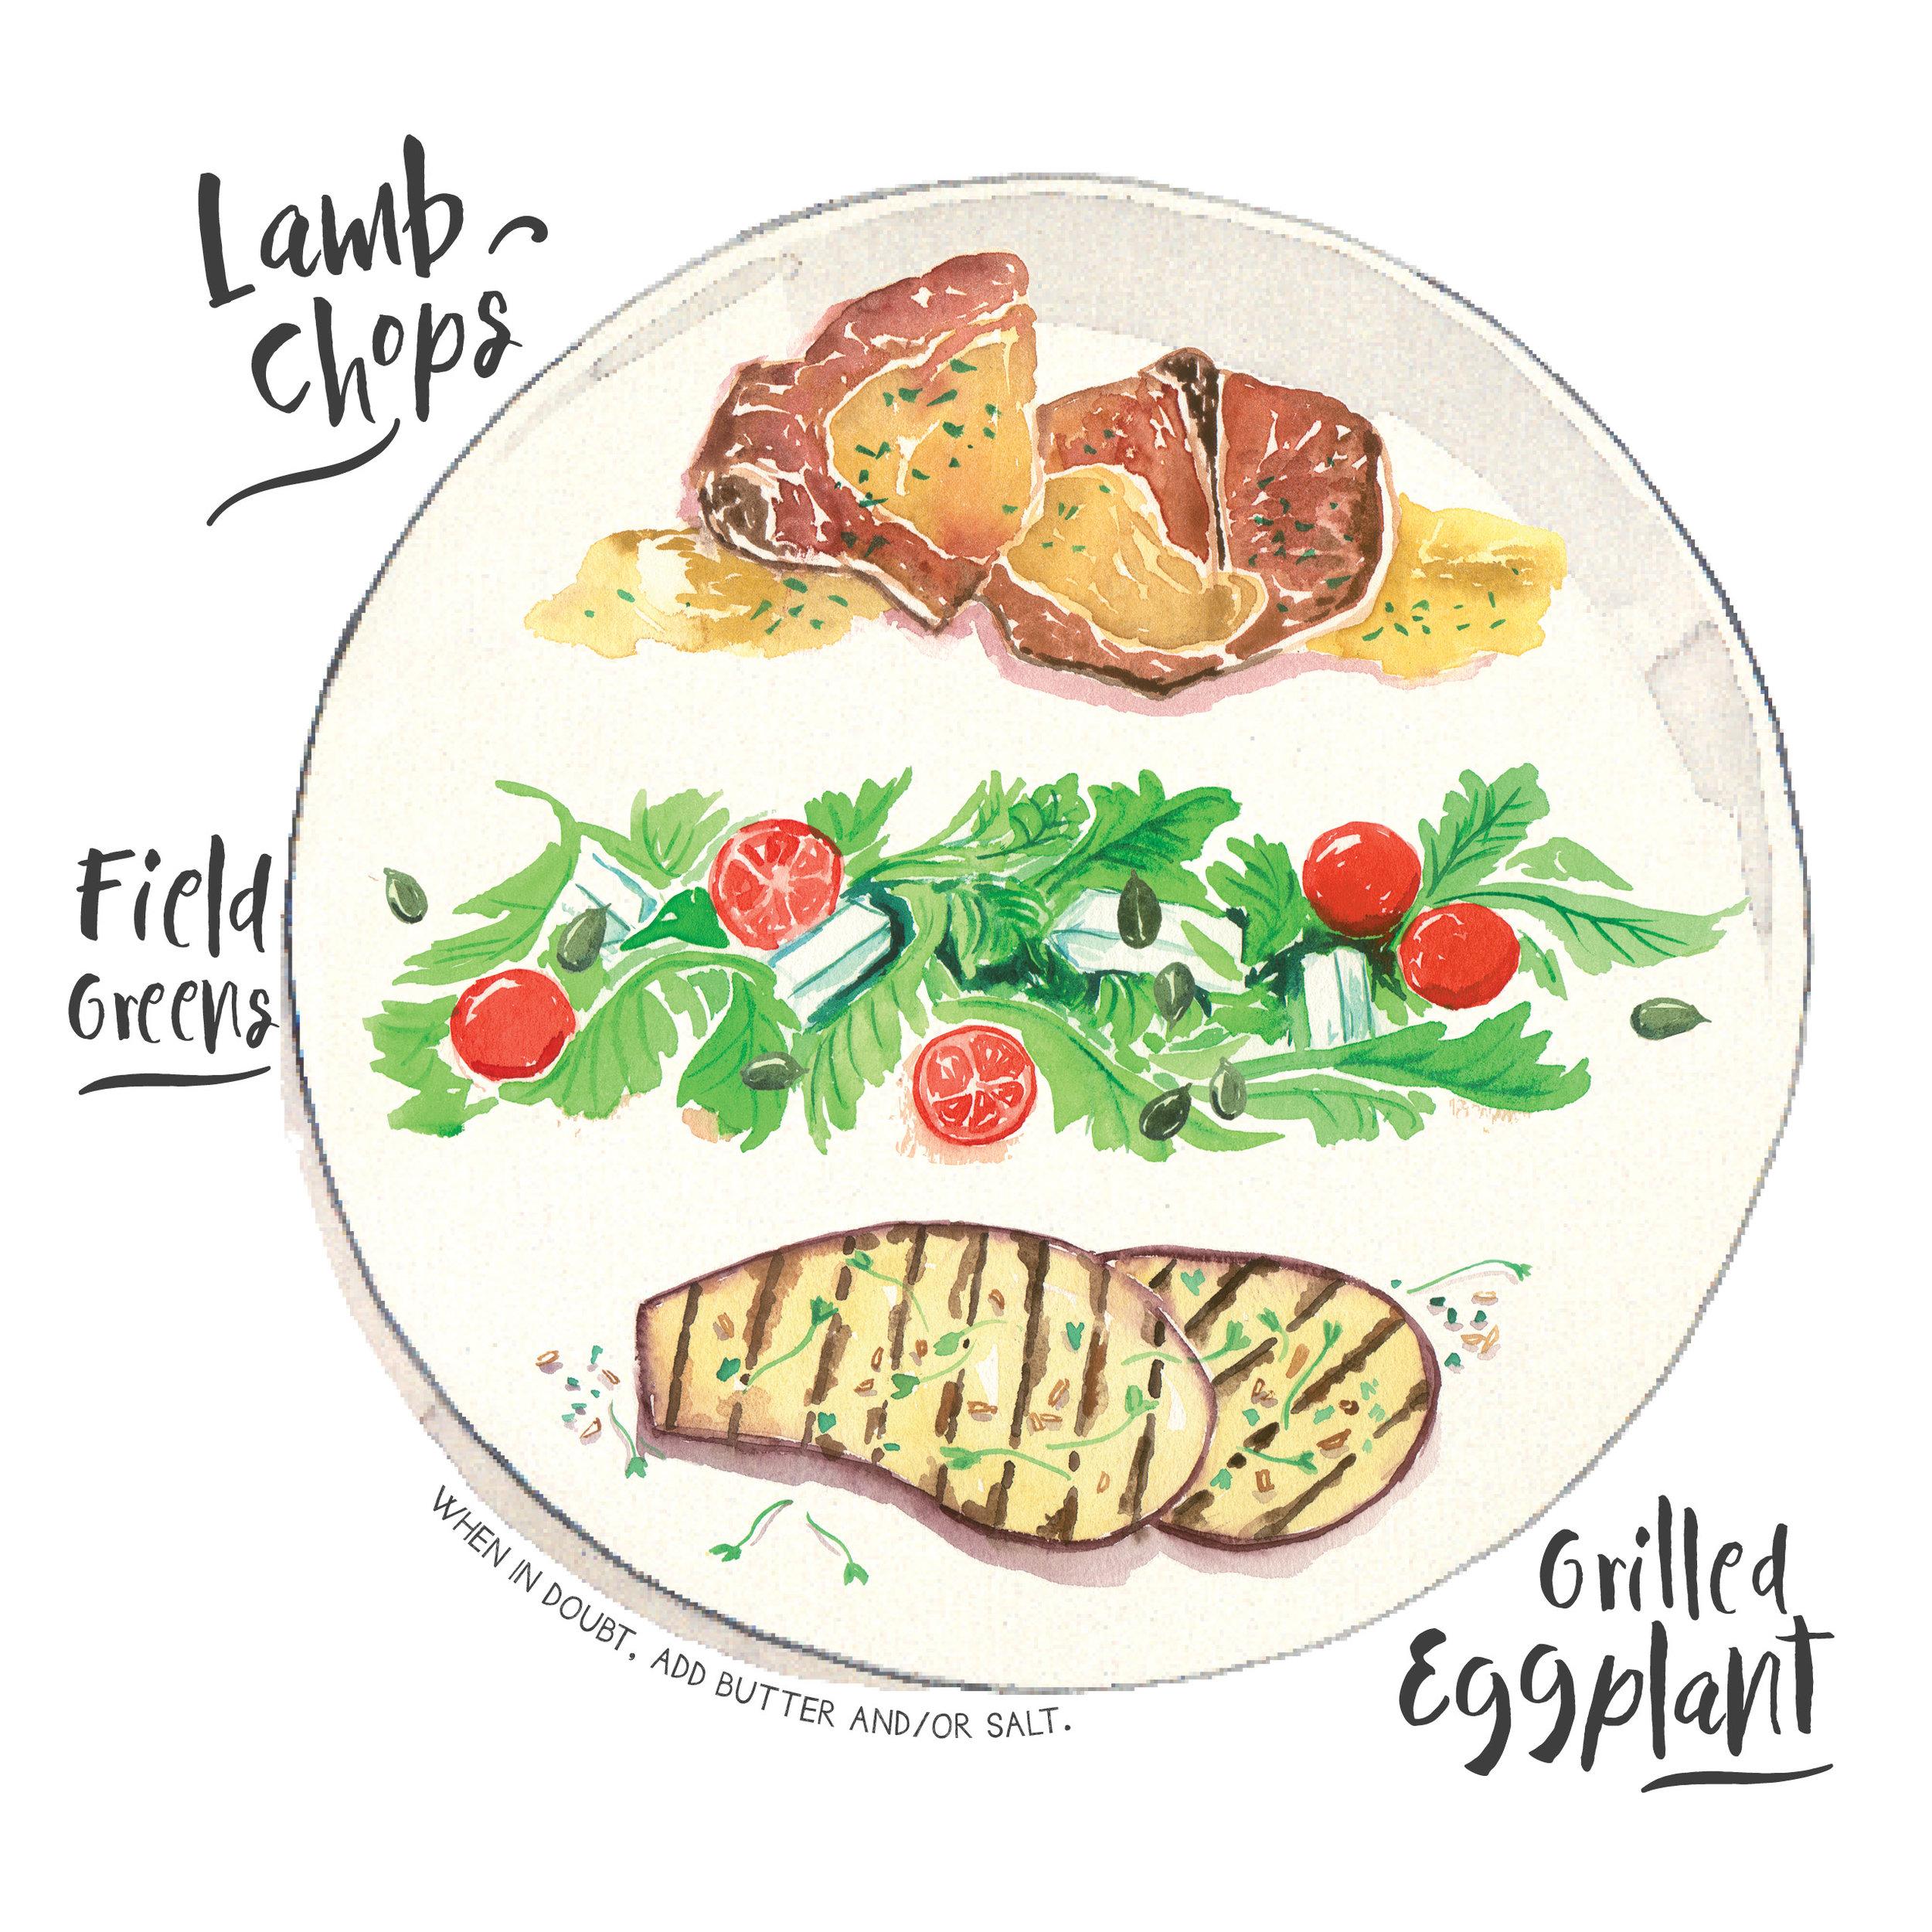 lamb chops field greens eggplant.jpg